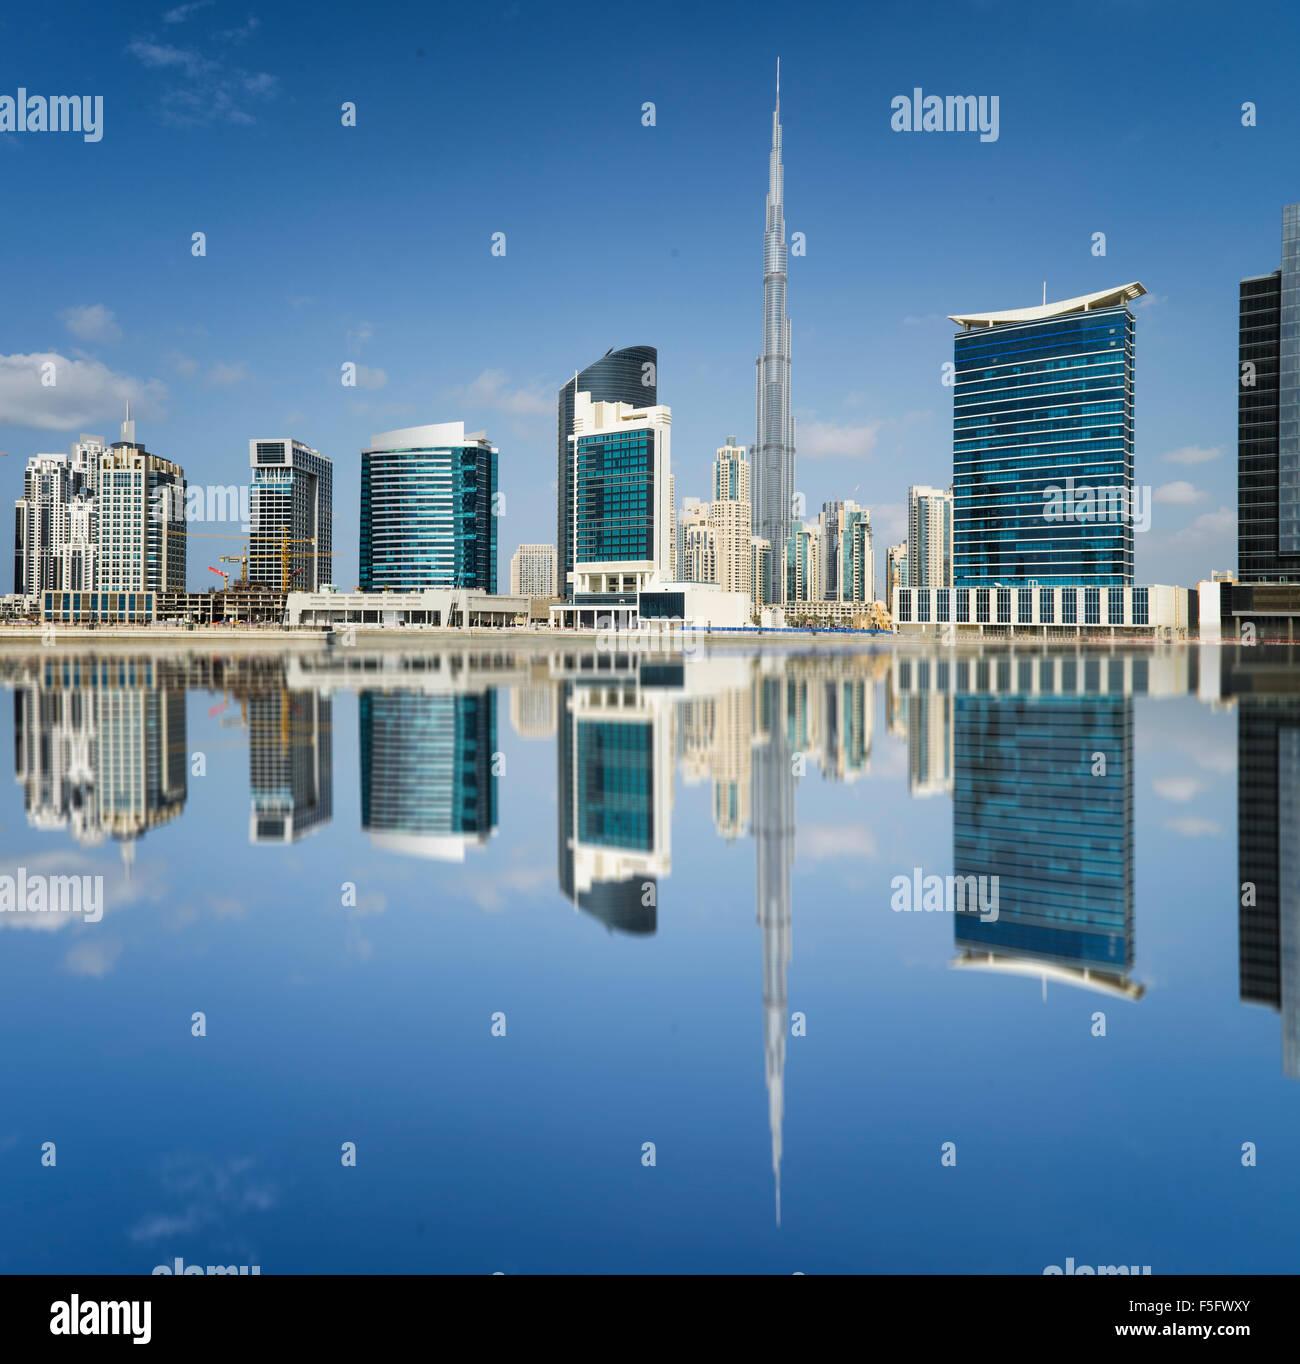 Horizonte de Dubai, Emiratos Árabes Unidos Imagen De Stock